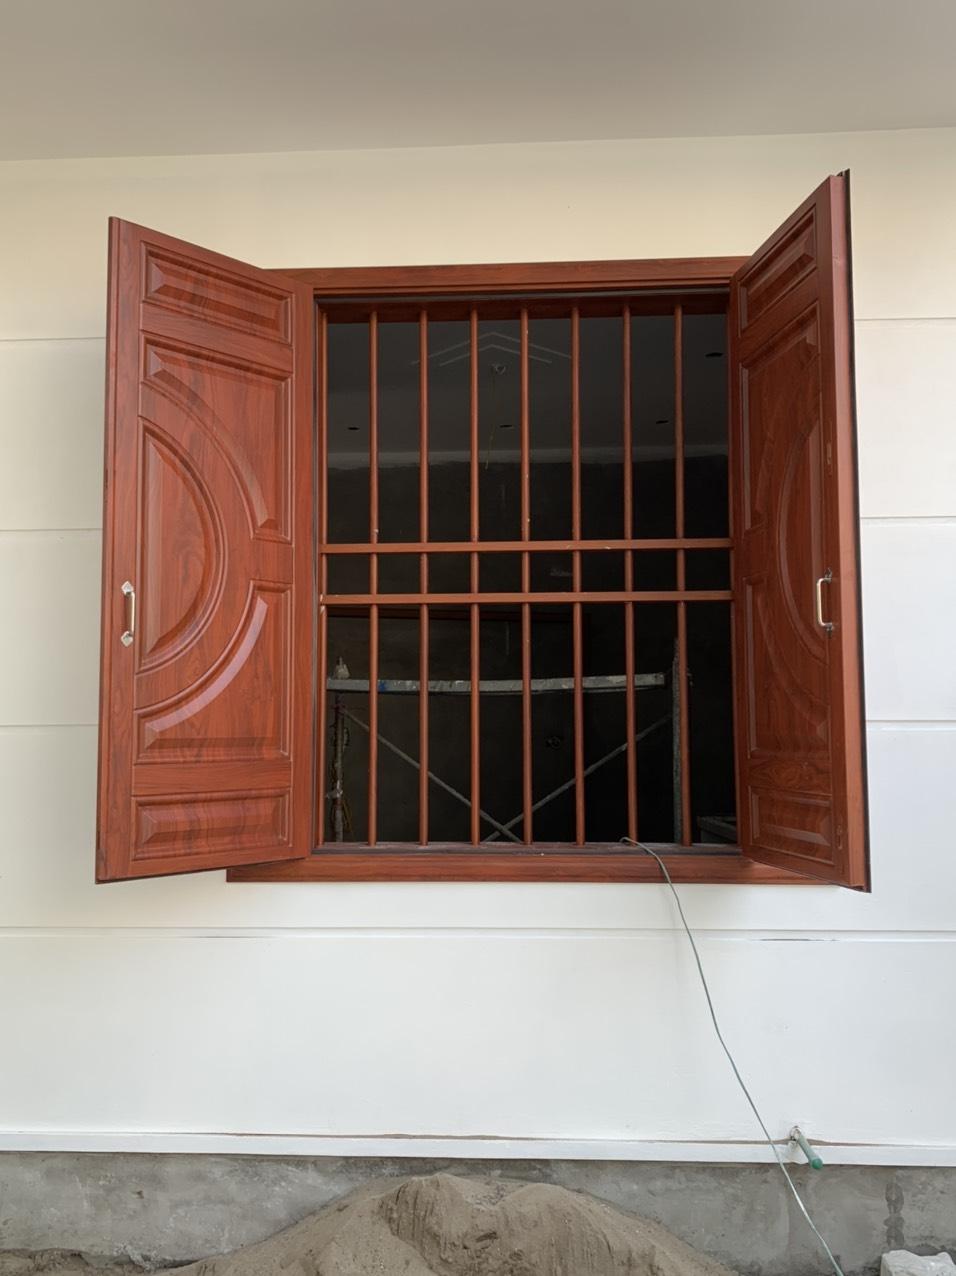 Tính toán kích thước cửa sổ 2 cánh và số lượng phù hợp